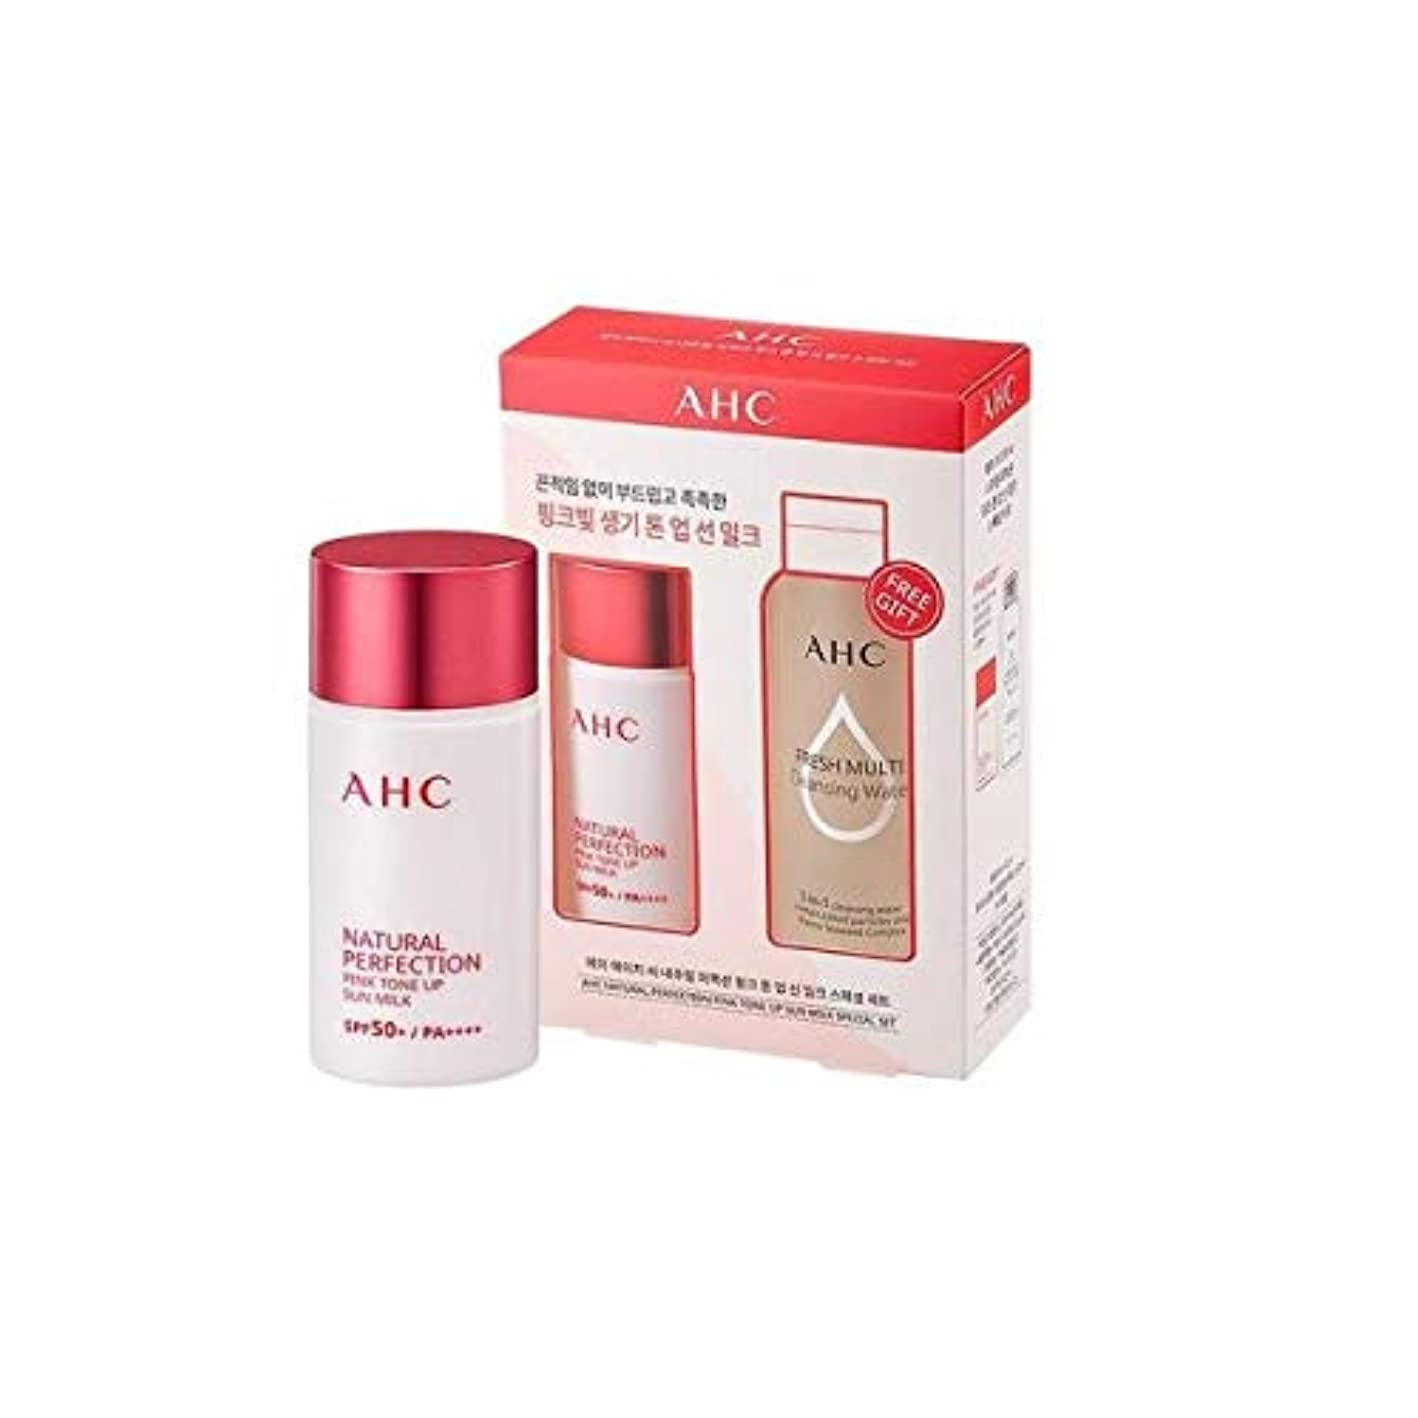 依存フェザーチャンピオン[ギフト付き] AHC ナチュラル パーフェクション ピンク トーンアップ サンミルク ギフトセット SPF50 + / PA ++++ (サンミルク40ml+クレンジングウォーター 150ml) / AHC Natural Perfection Pink Tone Up Sun Milk Gift Set SPF50+/PA++++